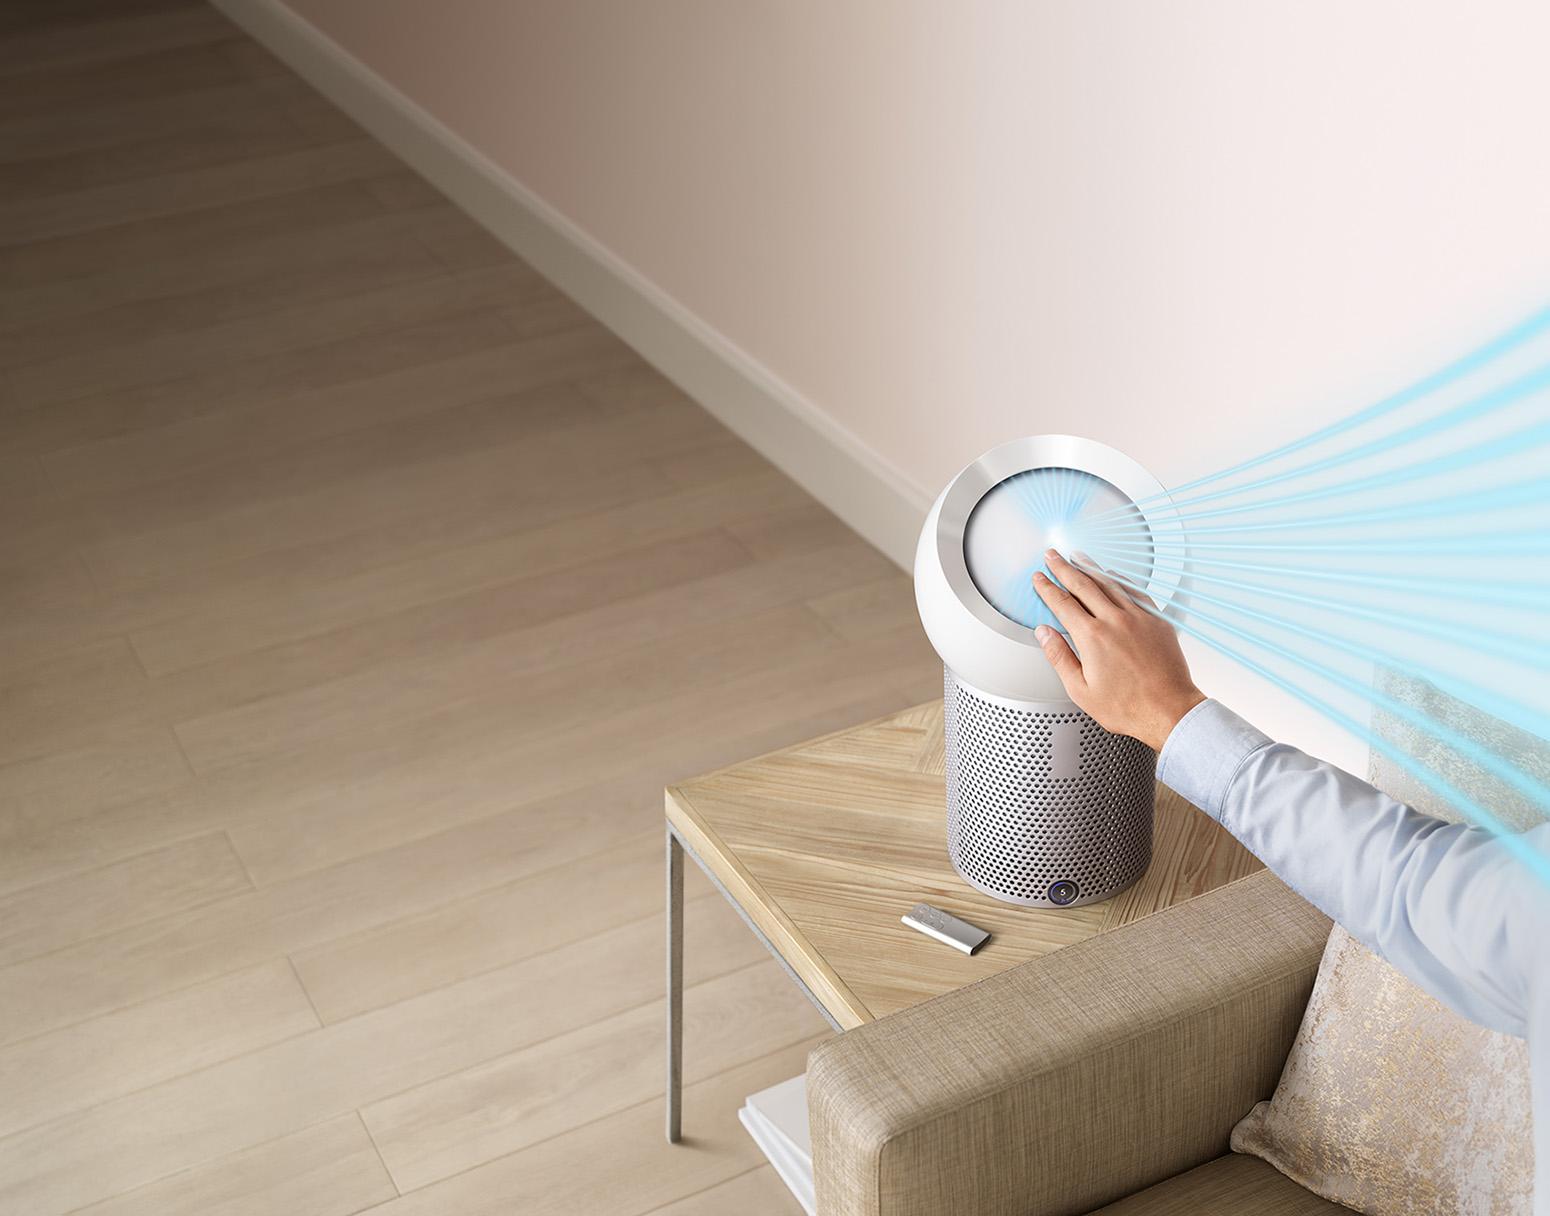 Воздухоочиститель дайсон купить дайсон увлажнитель инструкция